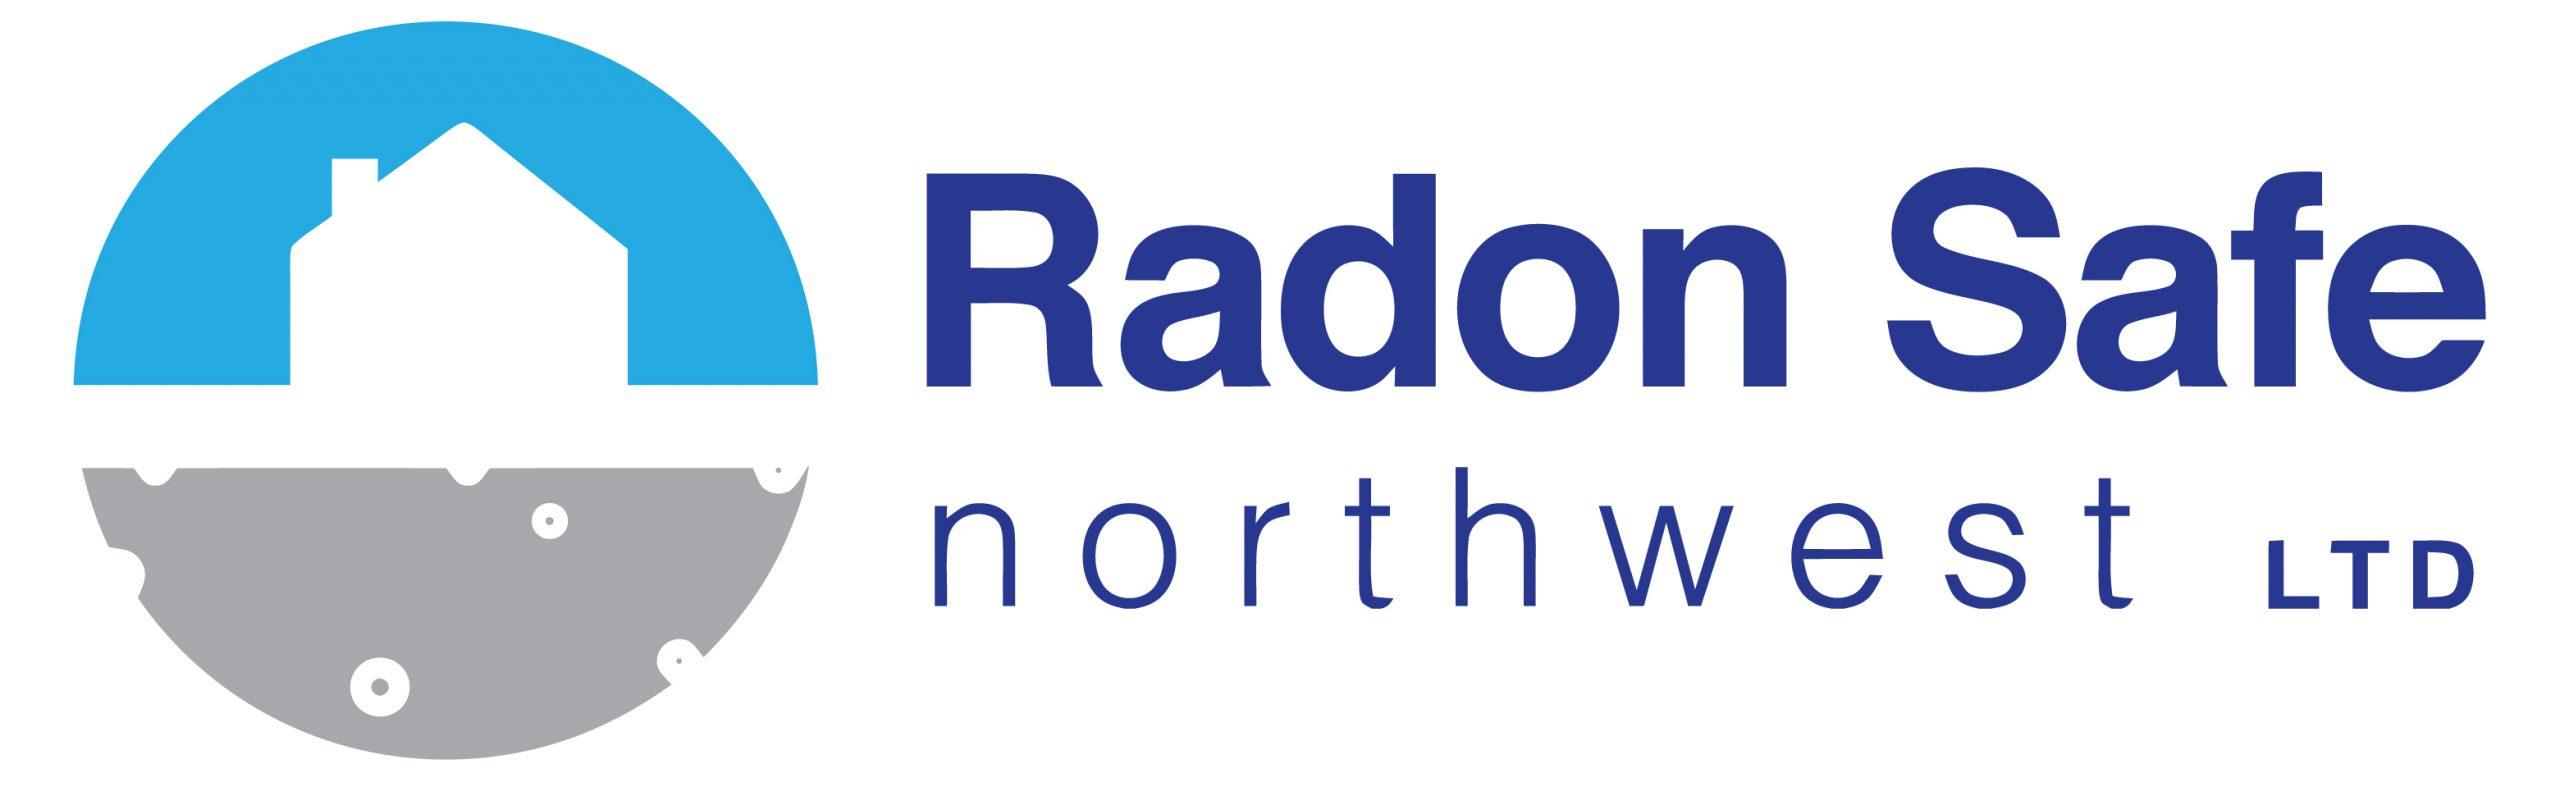 Radon Safe Northwest LTD